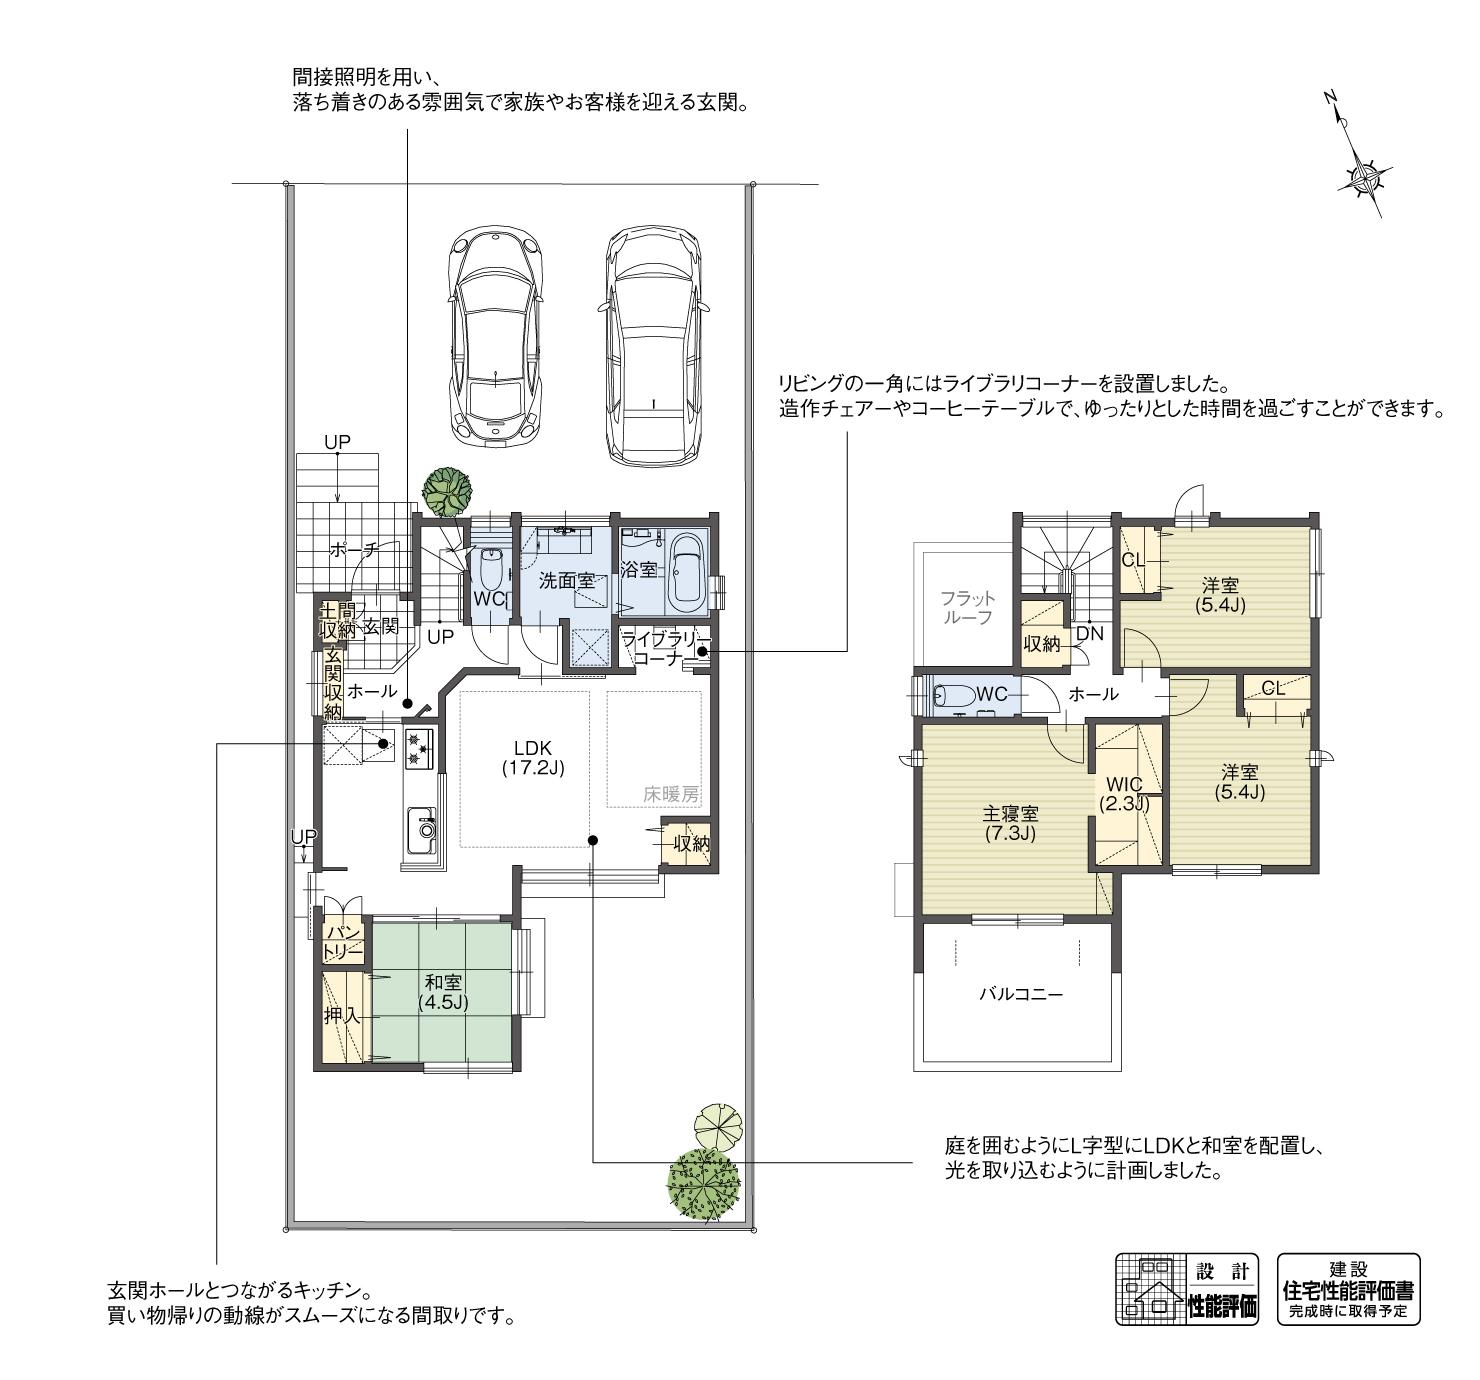 5_間取図_plan1_東郷町春木台2